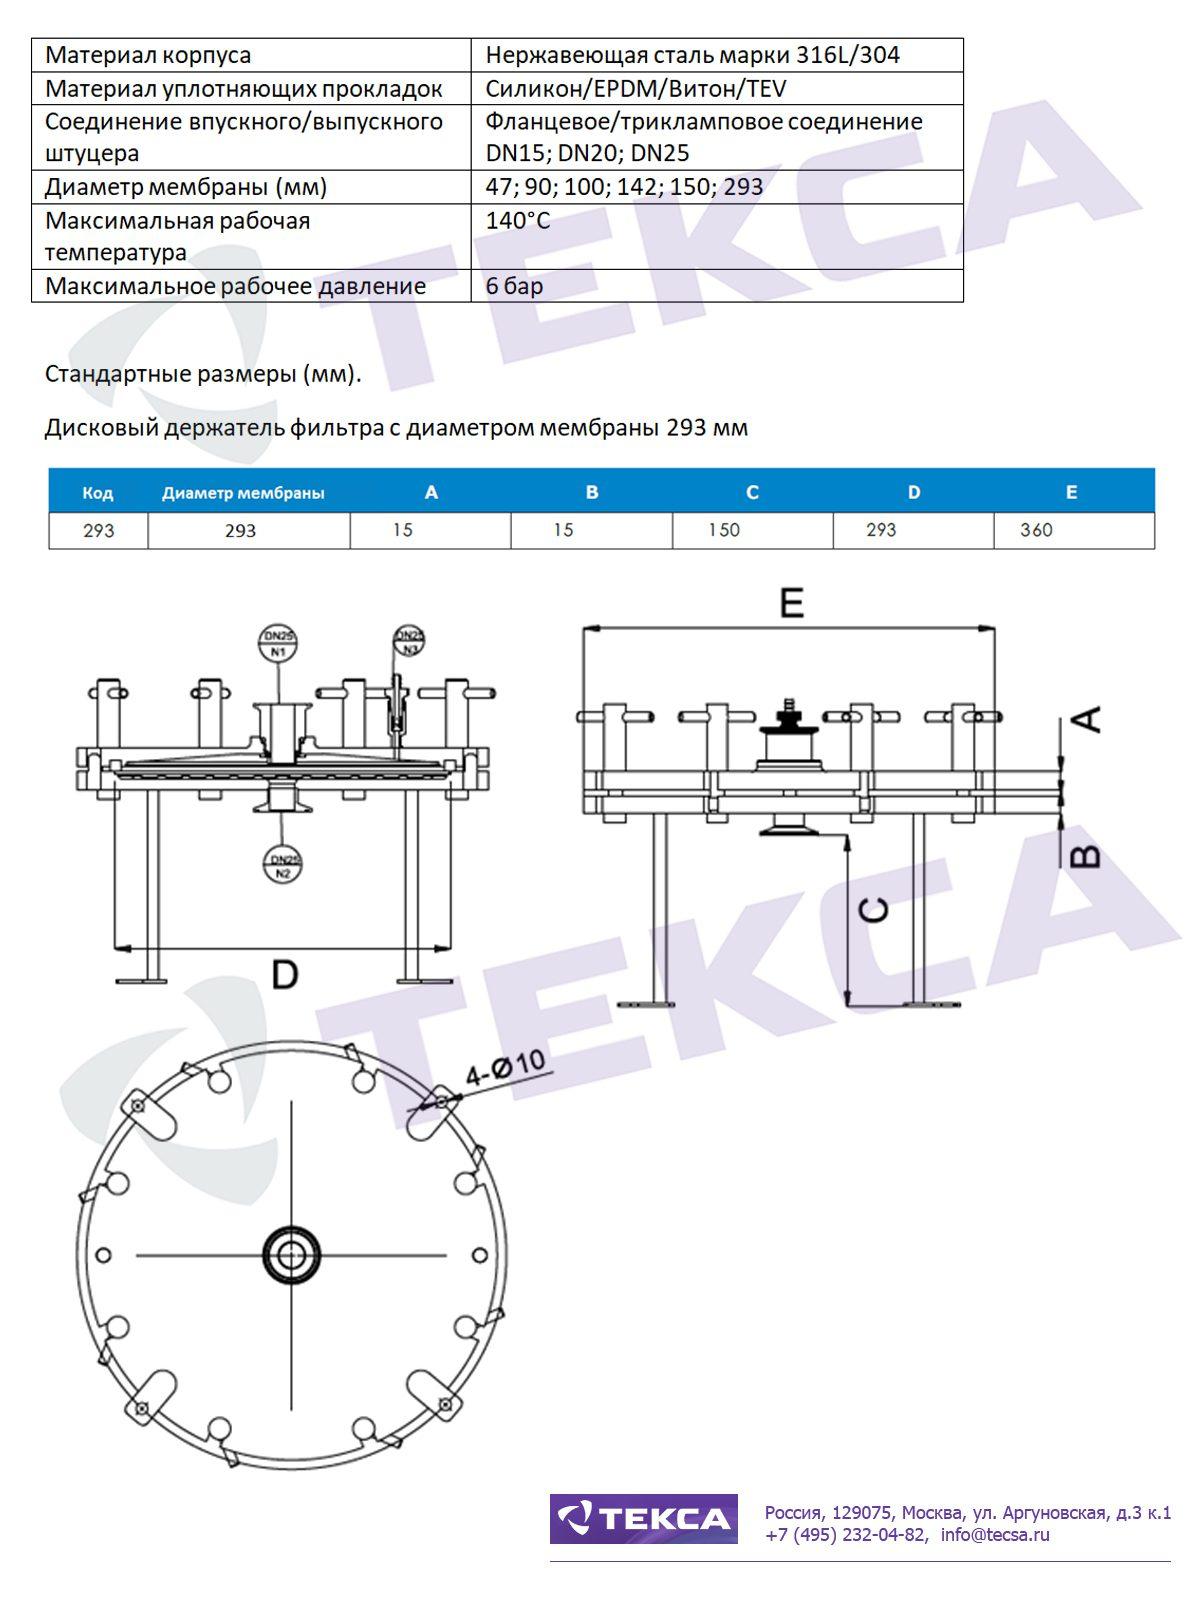 Технические характеристики дисковых мембран серии HM